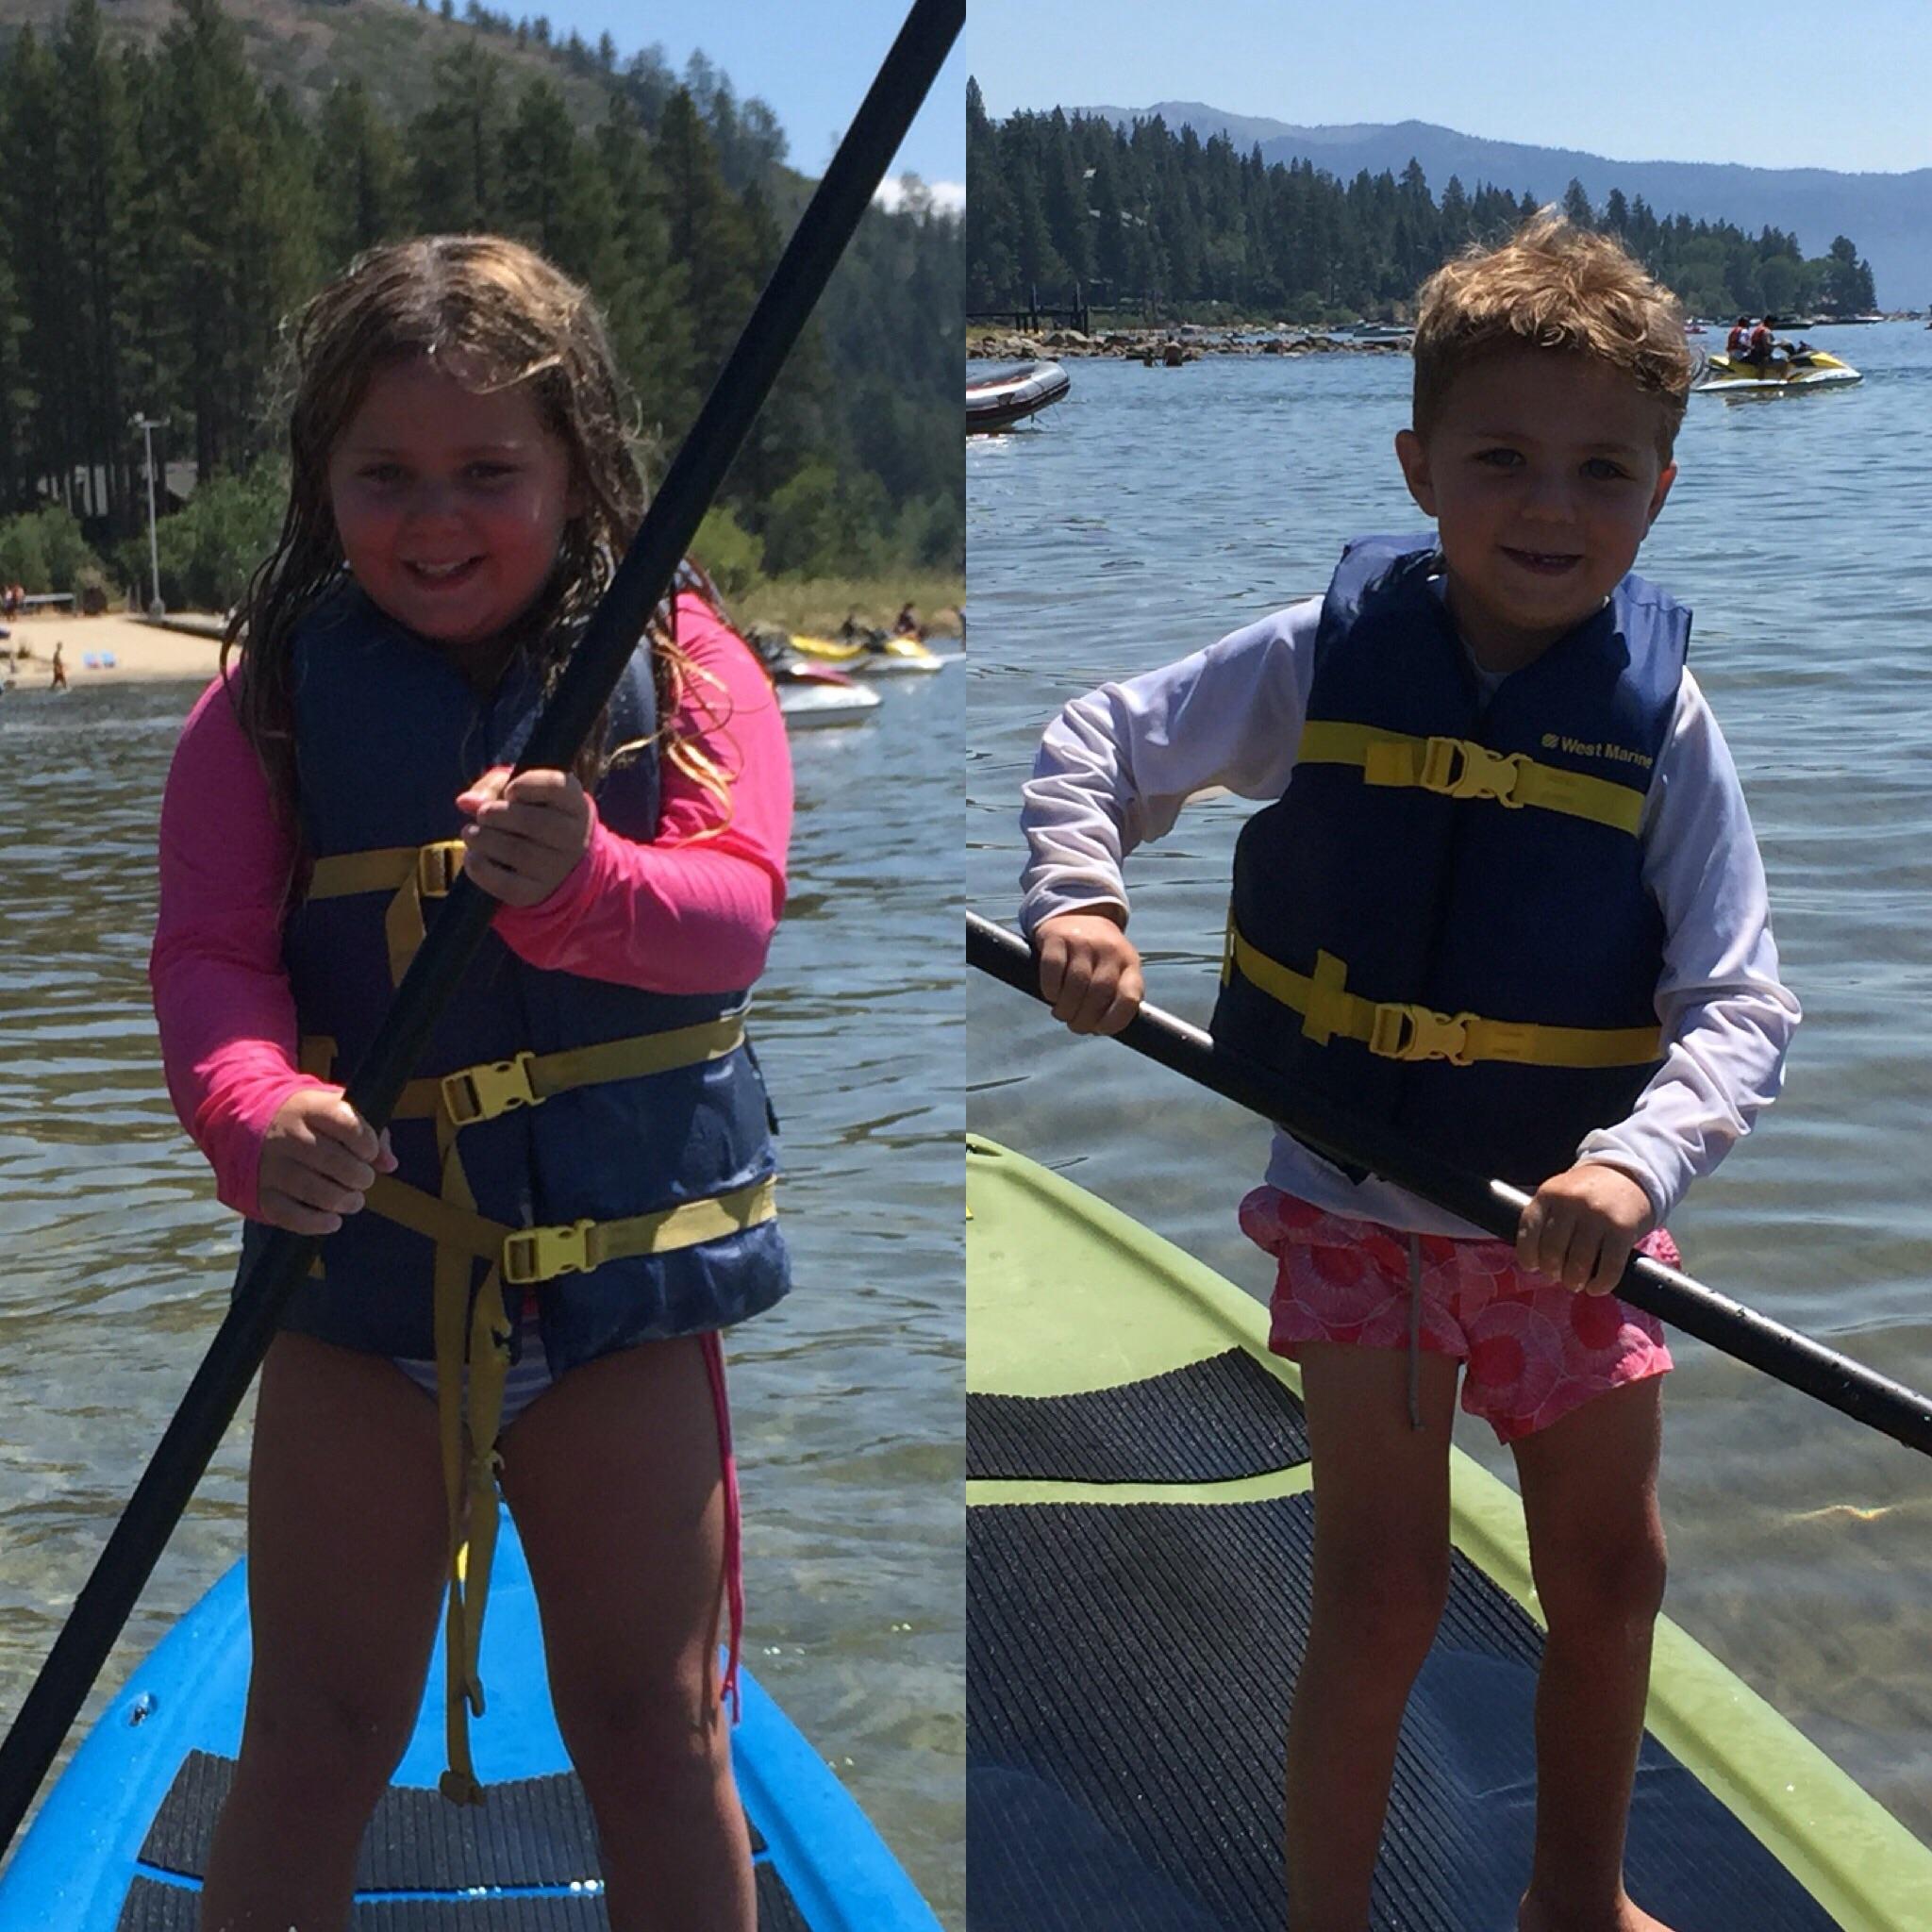 Rocking paddle boarding !!